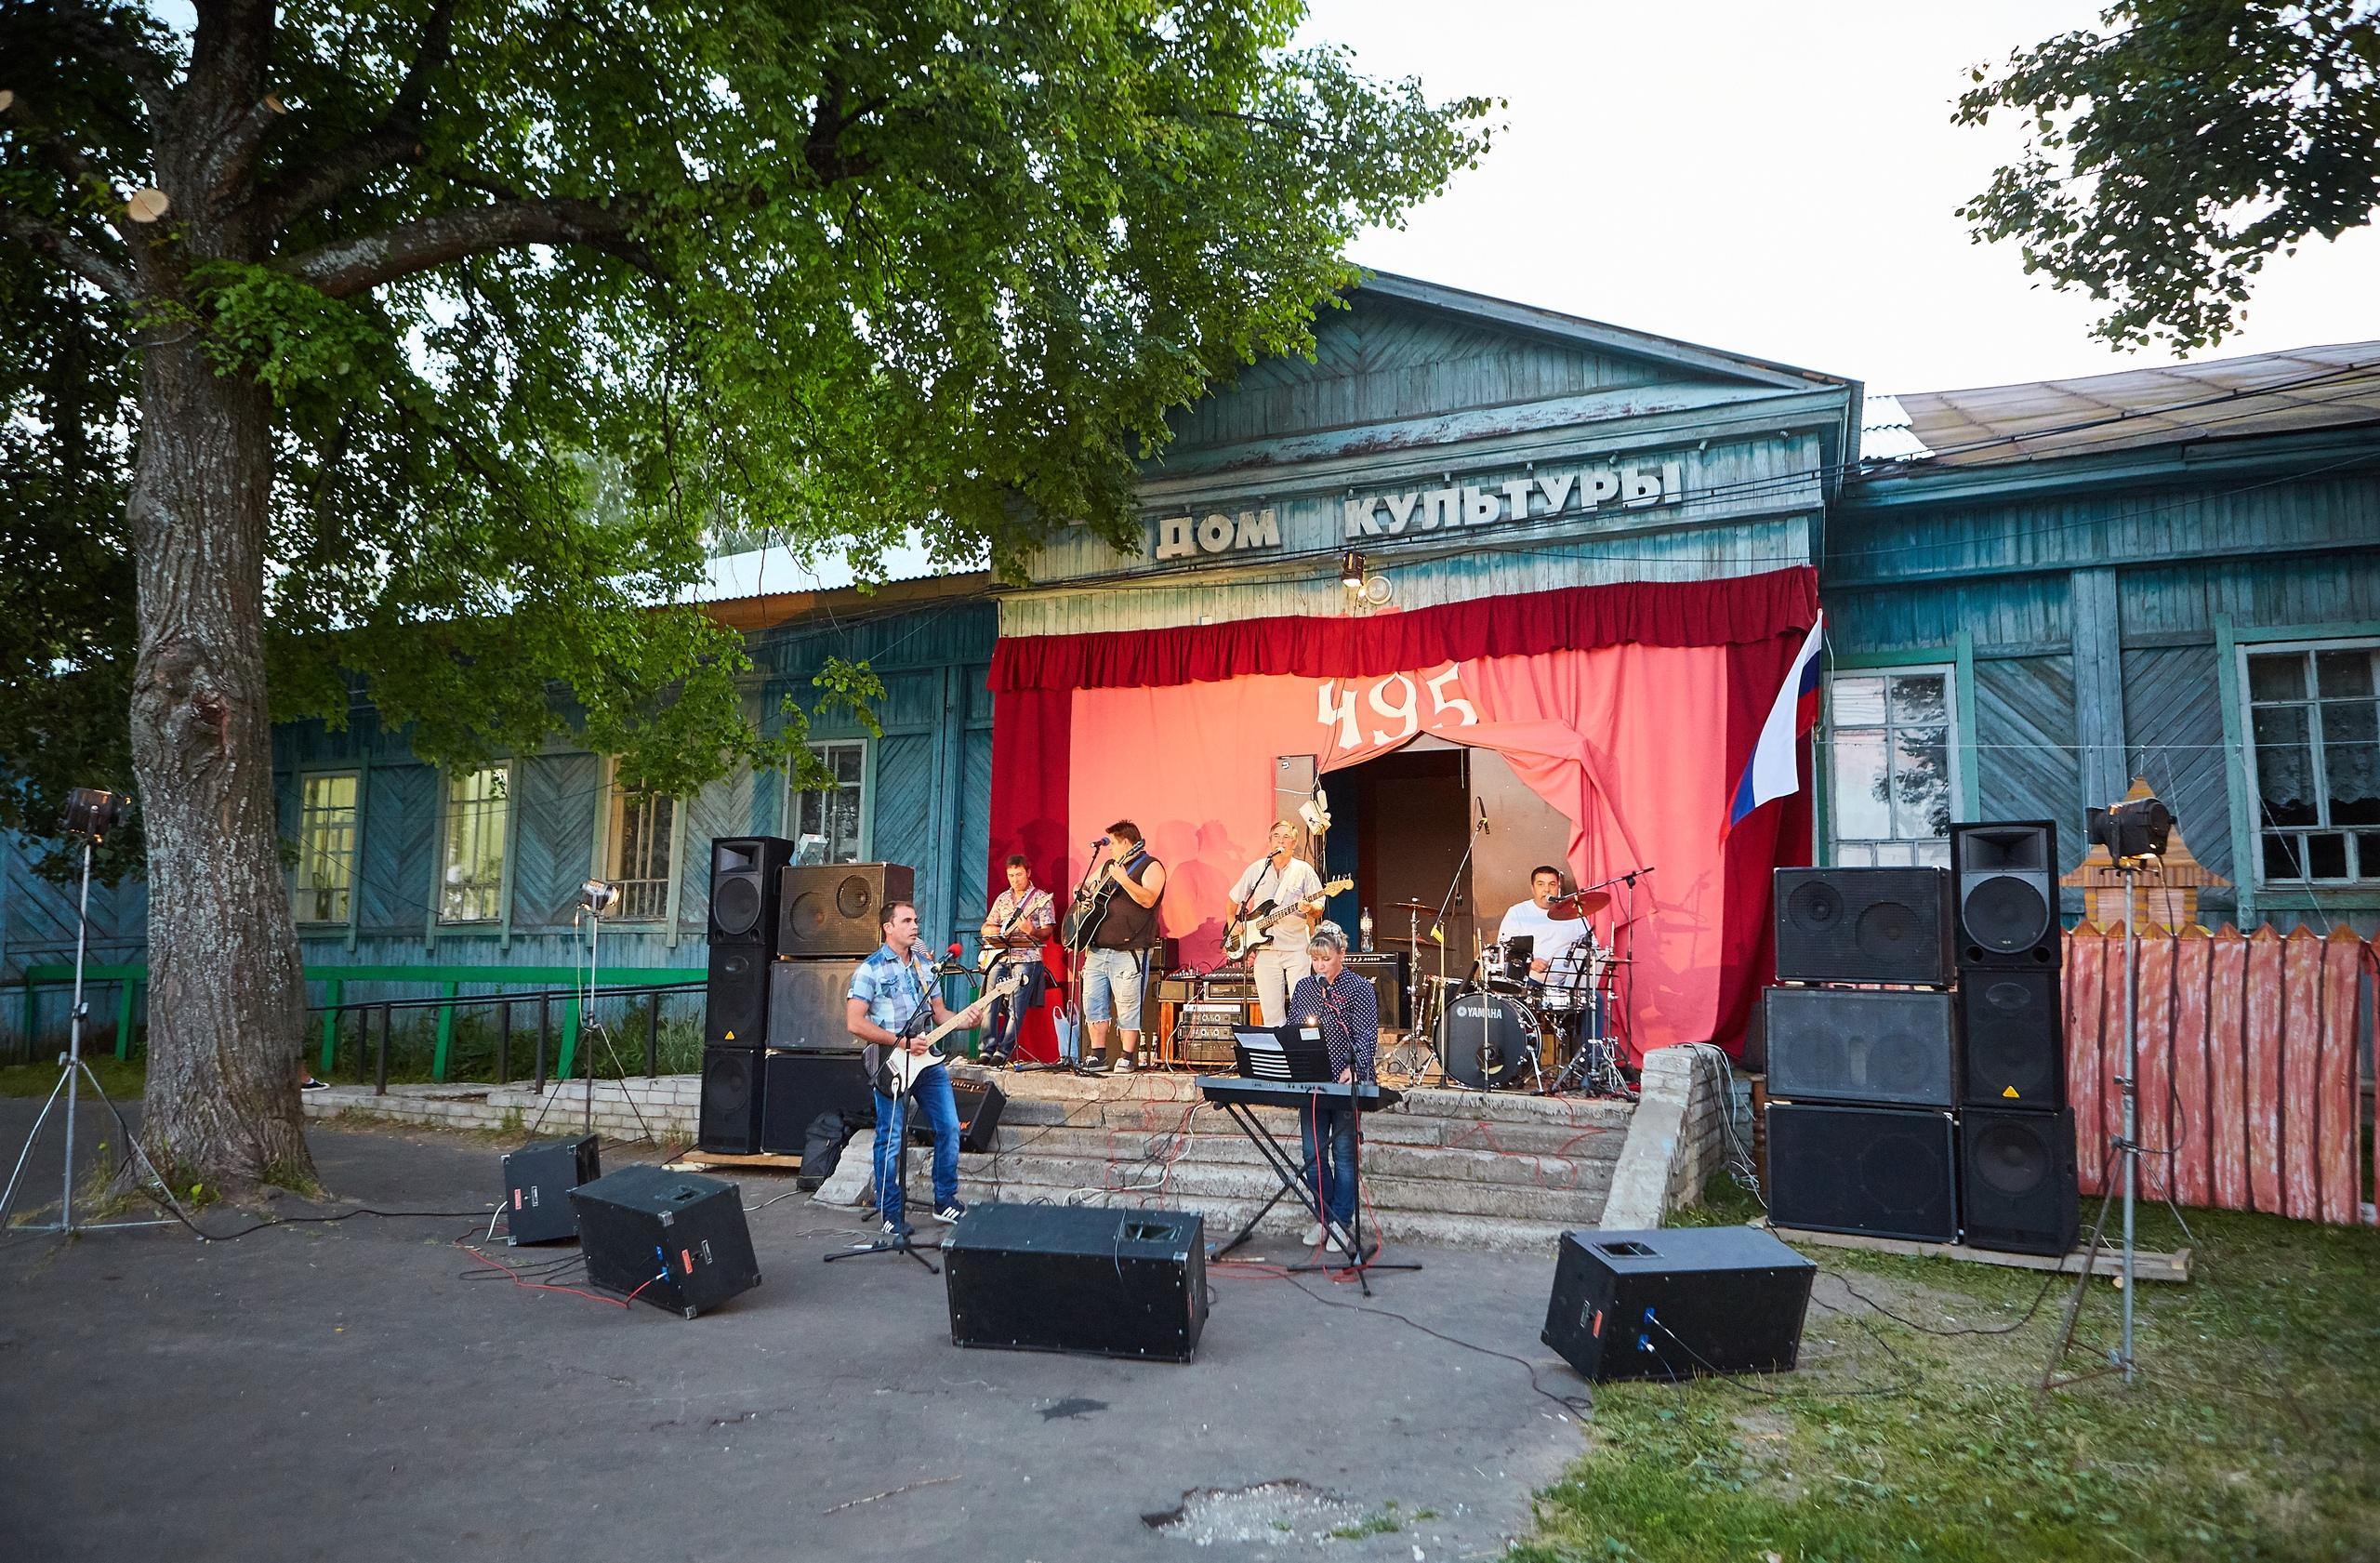 Скажите какого примерно года постройки дом культуры в Васильсурске?